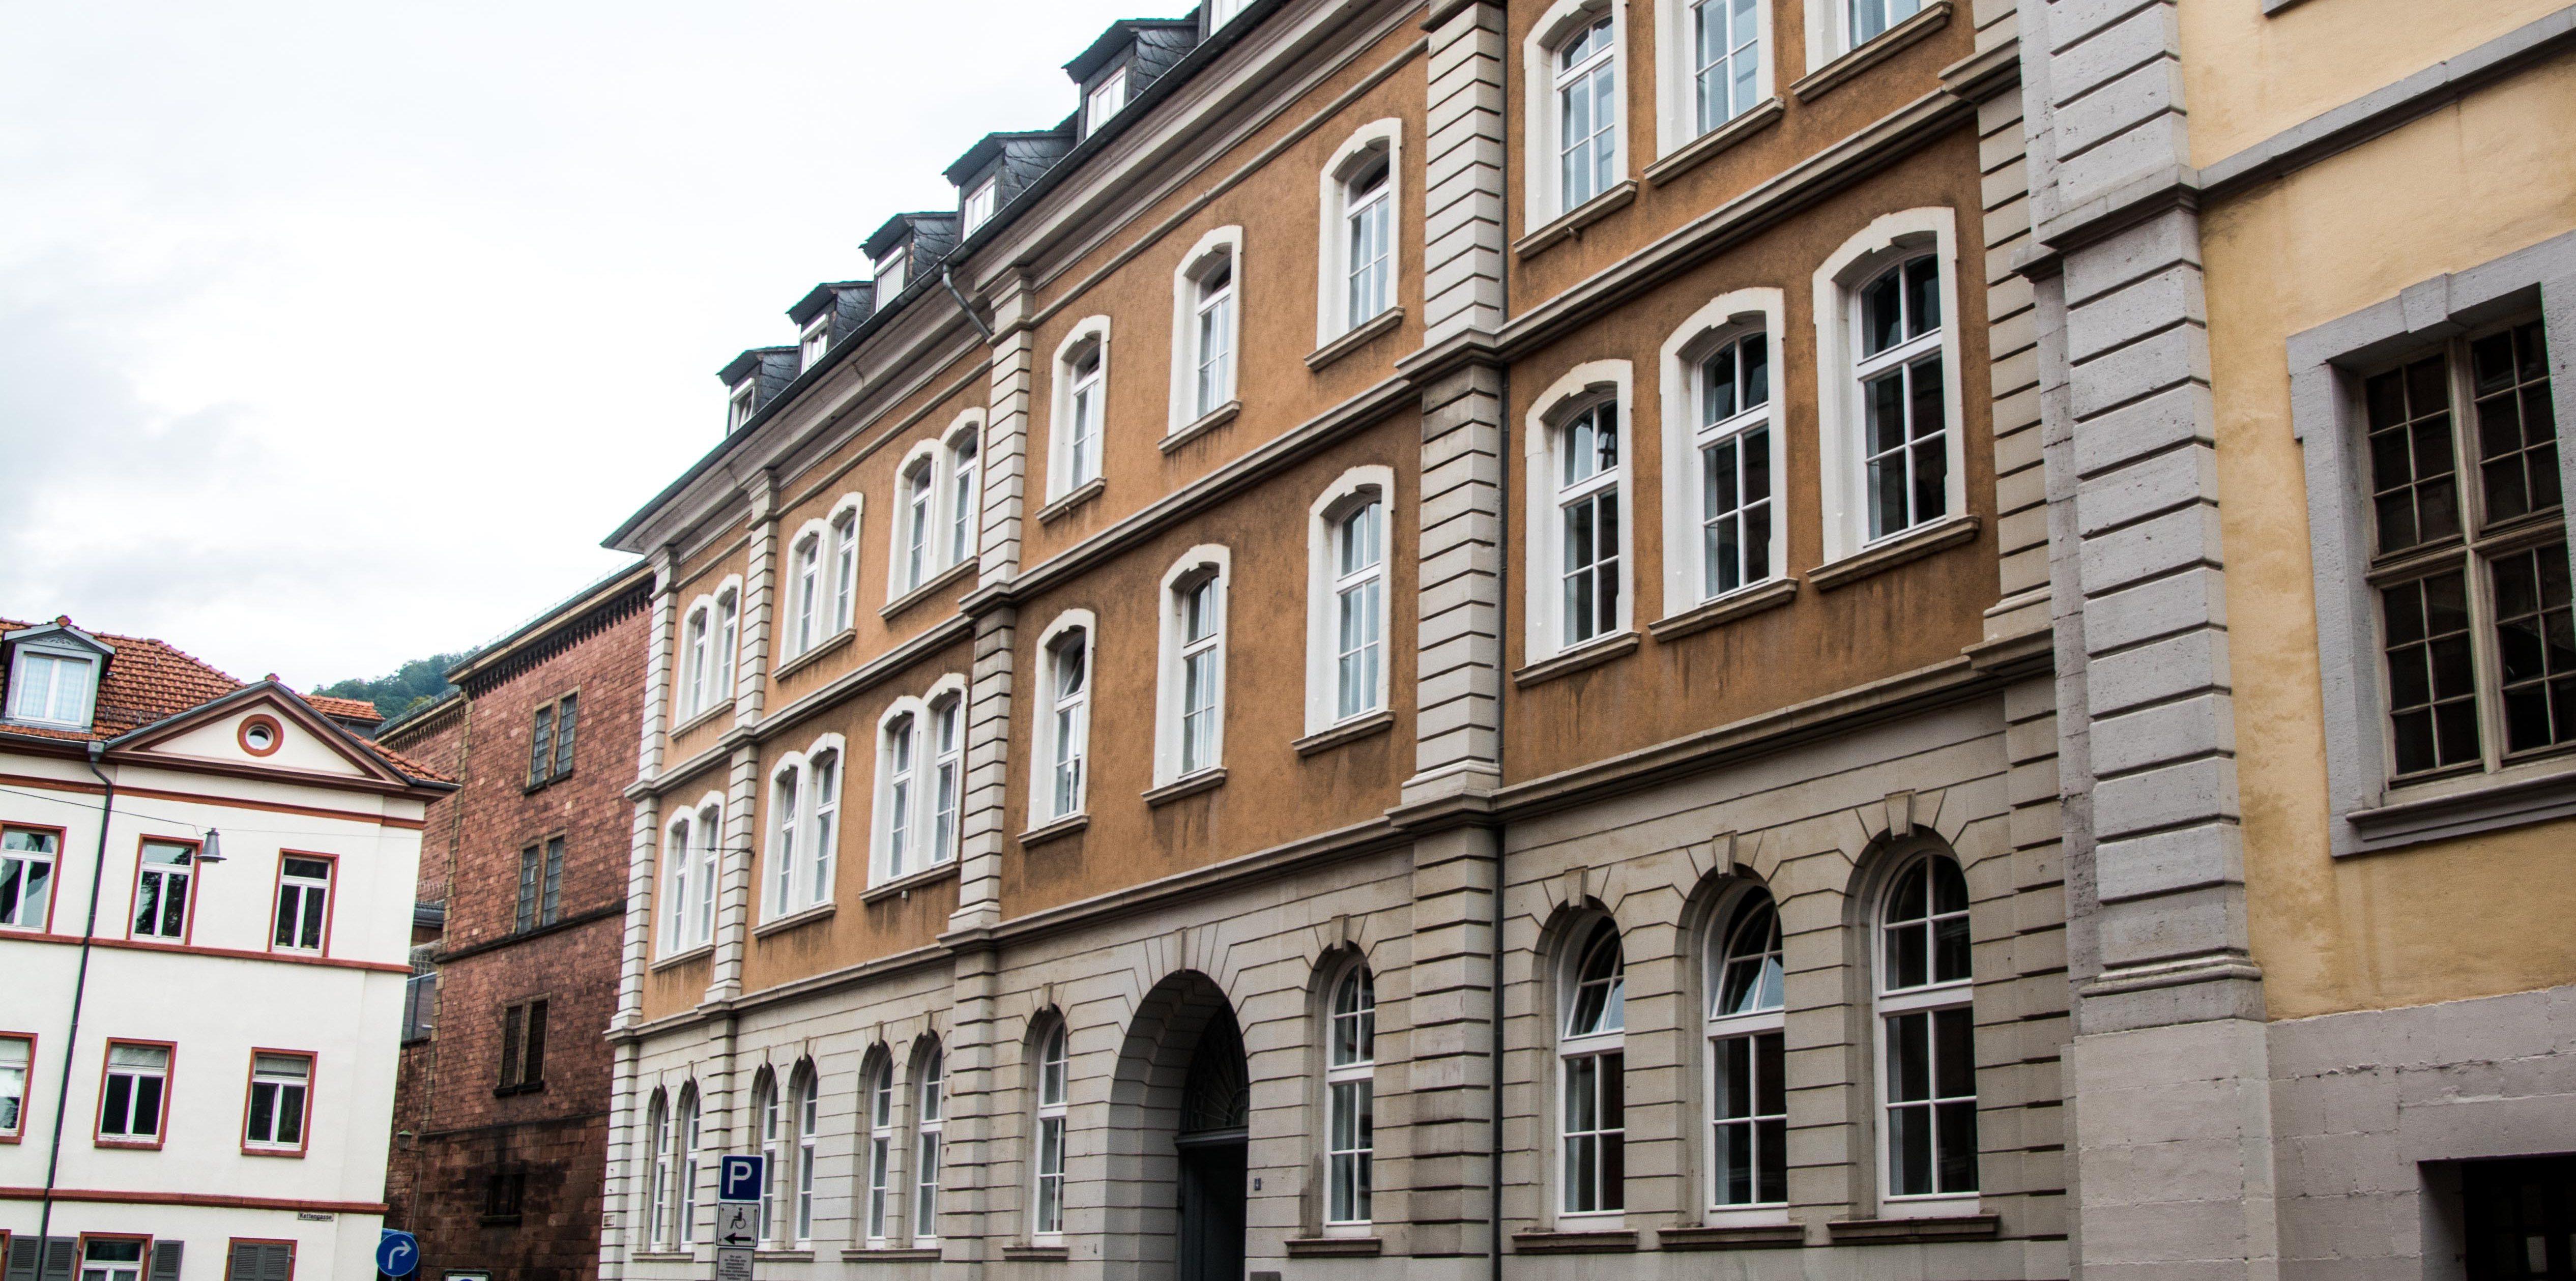 Das Institut für Kunstgeschichte – Schauplatz prekärer Arbeitsverhältnisse? Bild: Philip Hiller)